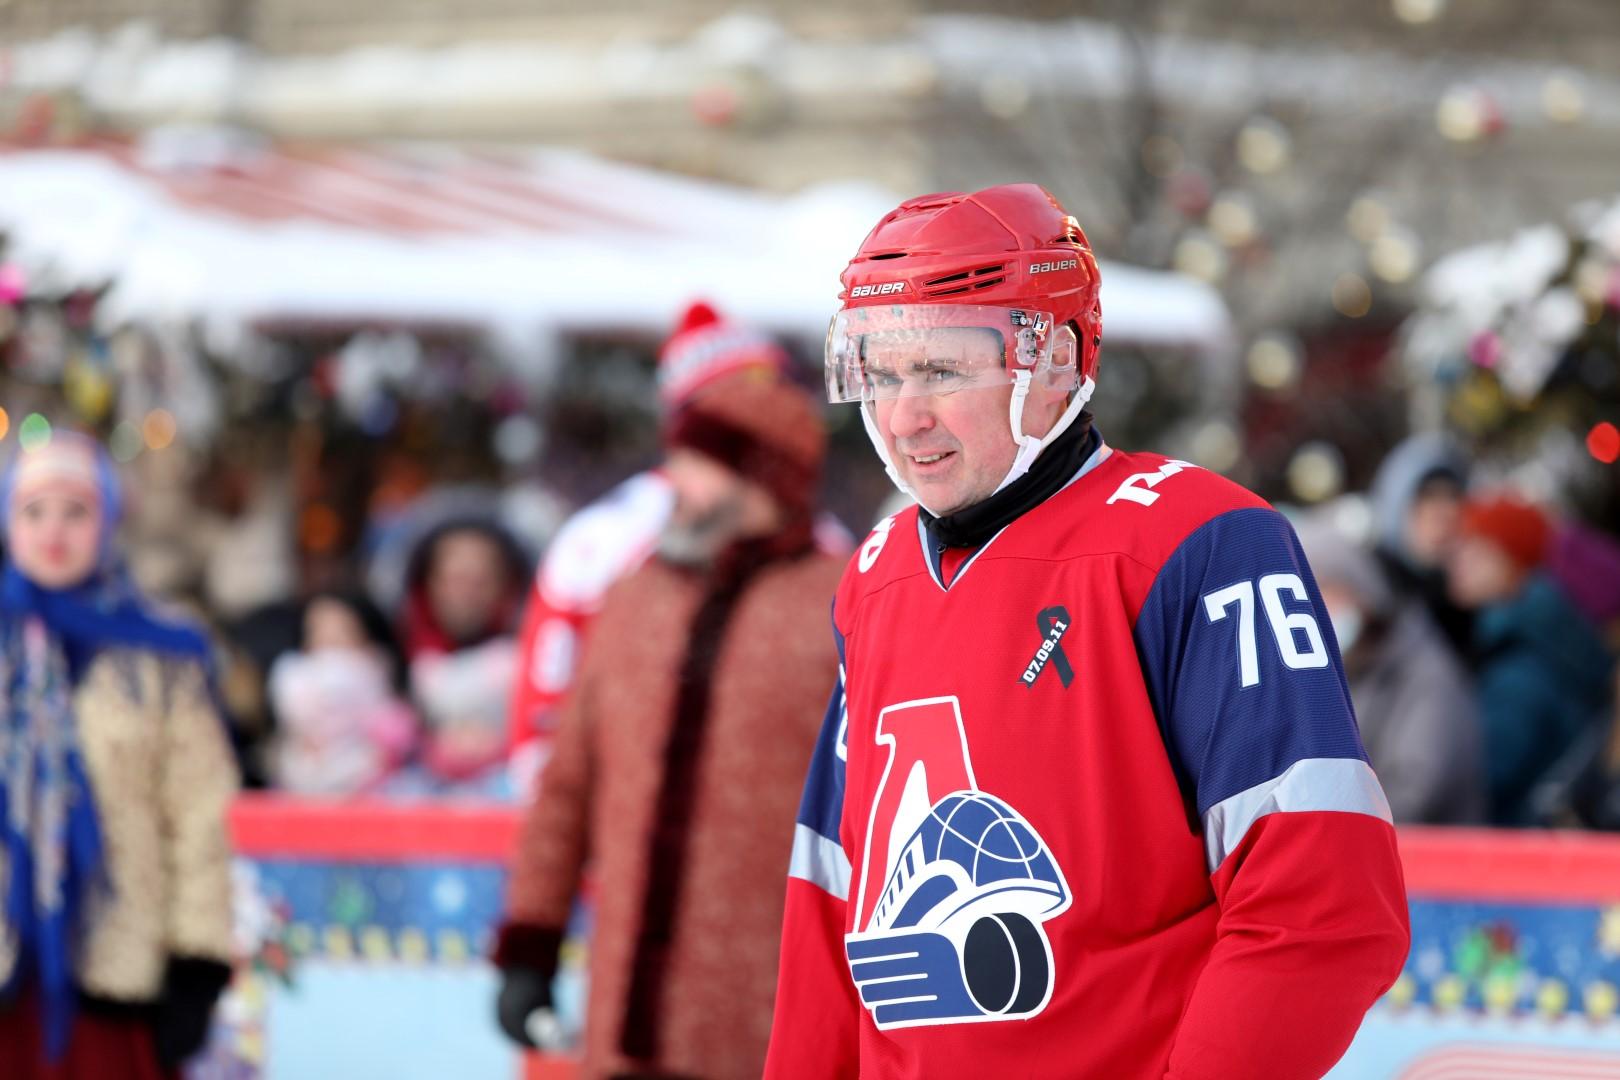 В праздничные выходные Дмитрий Миронов в Москве сыграл в хоккей с ветеранами «Локомотива»